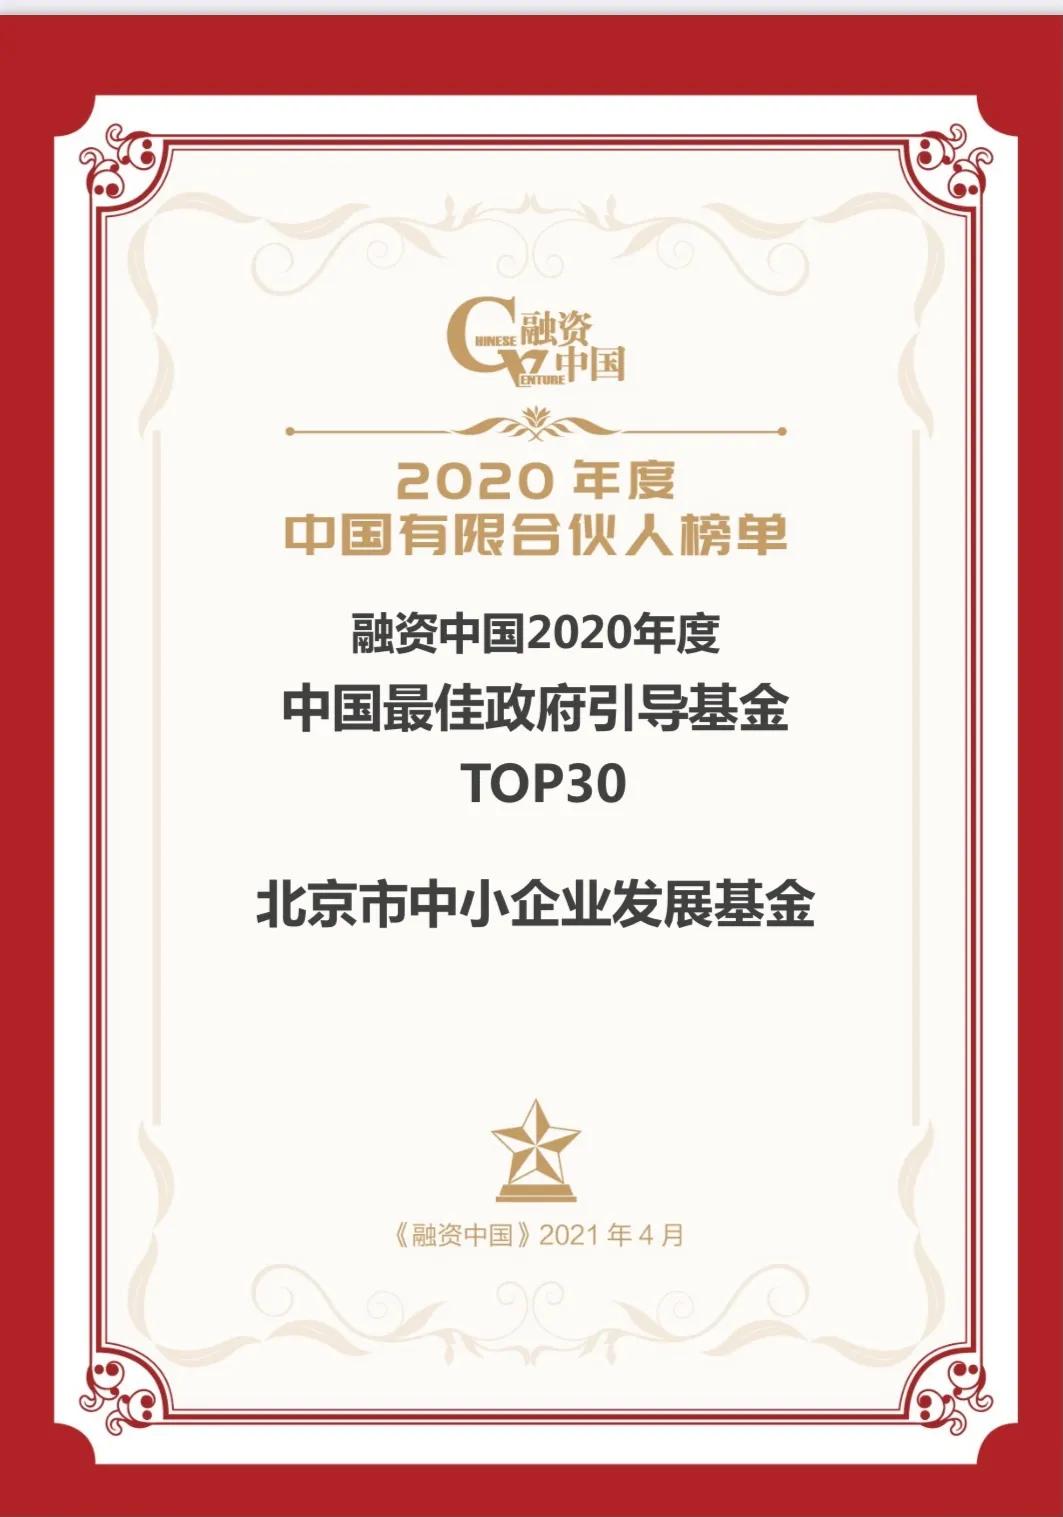 盛世投资荣获融资中国2020年度LP榜单6项大奖